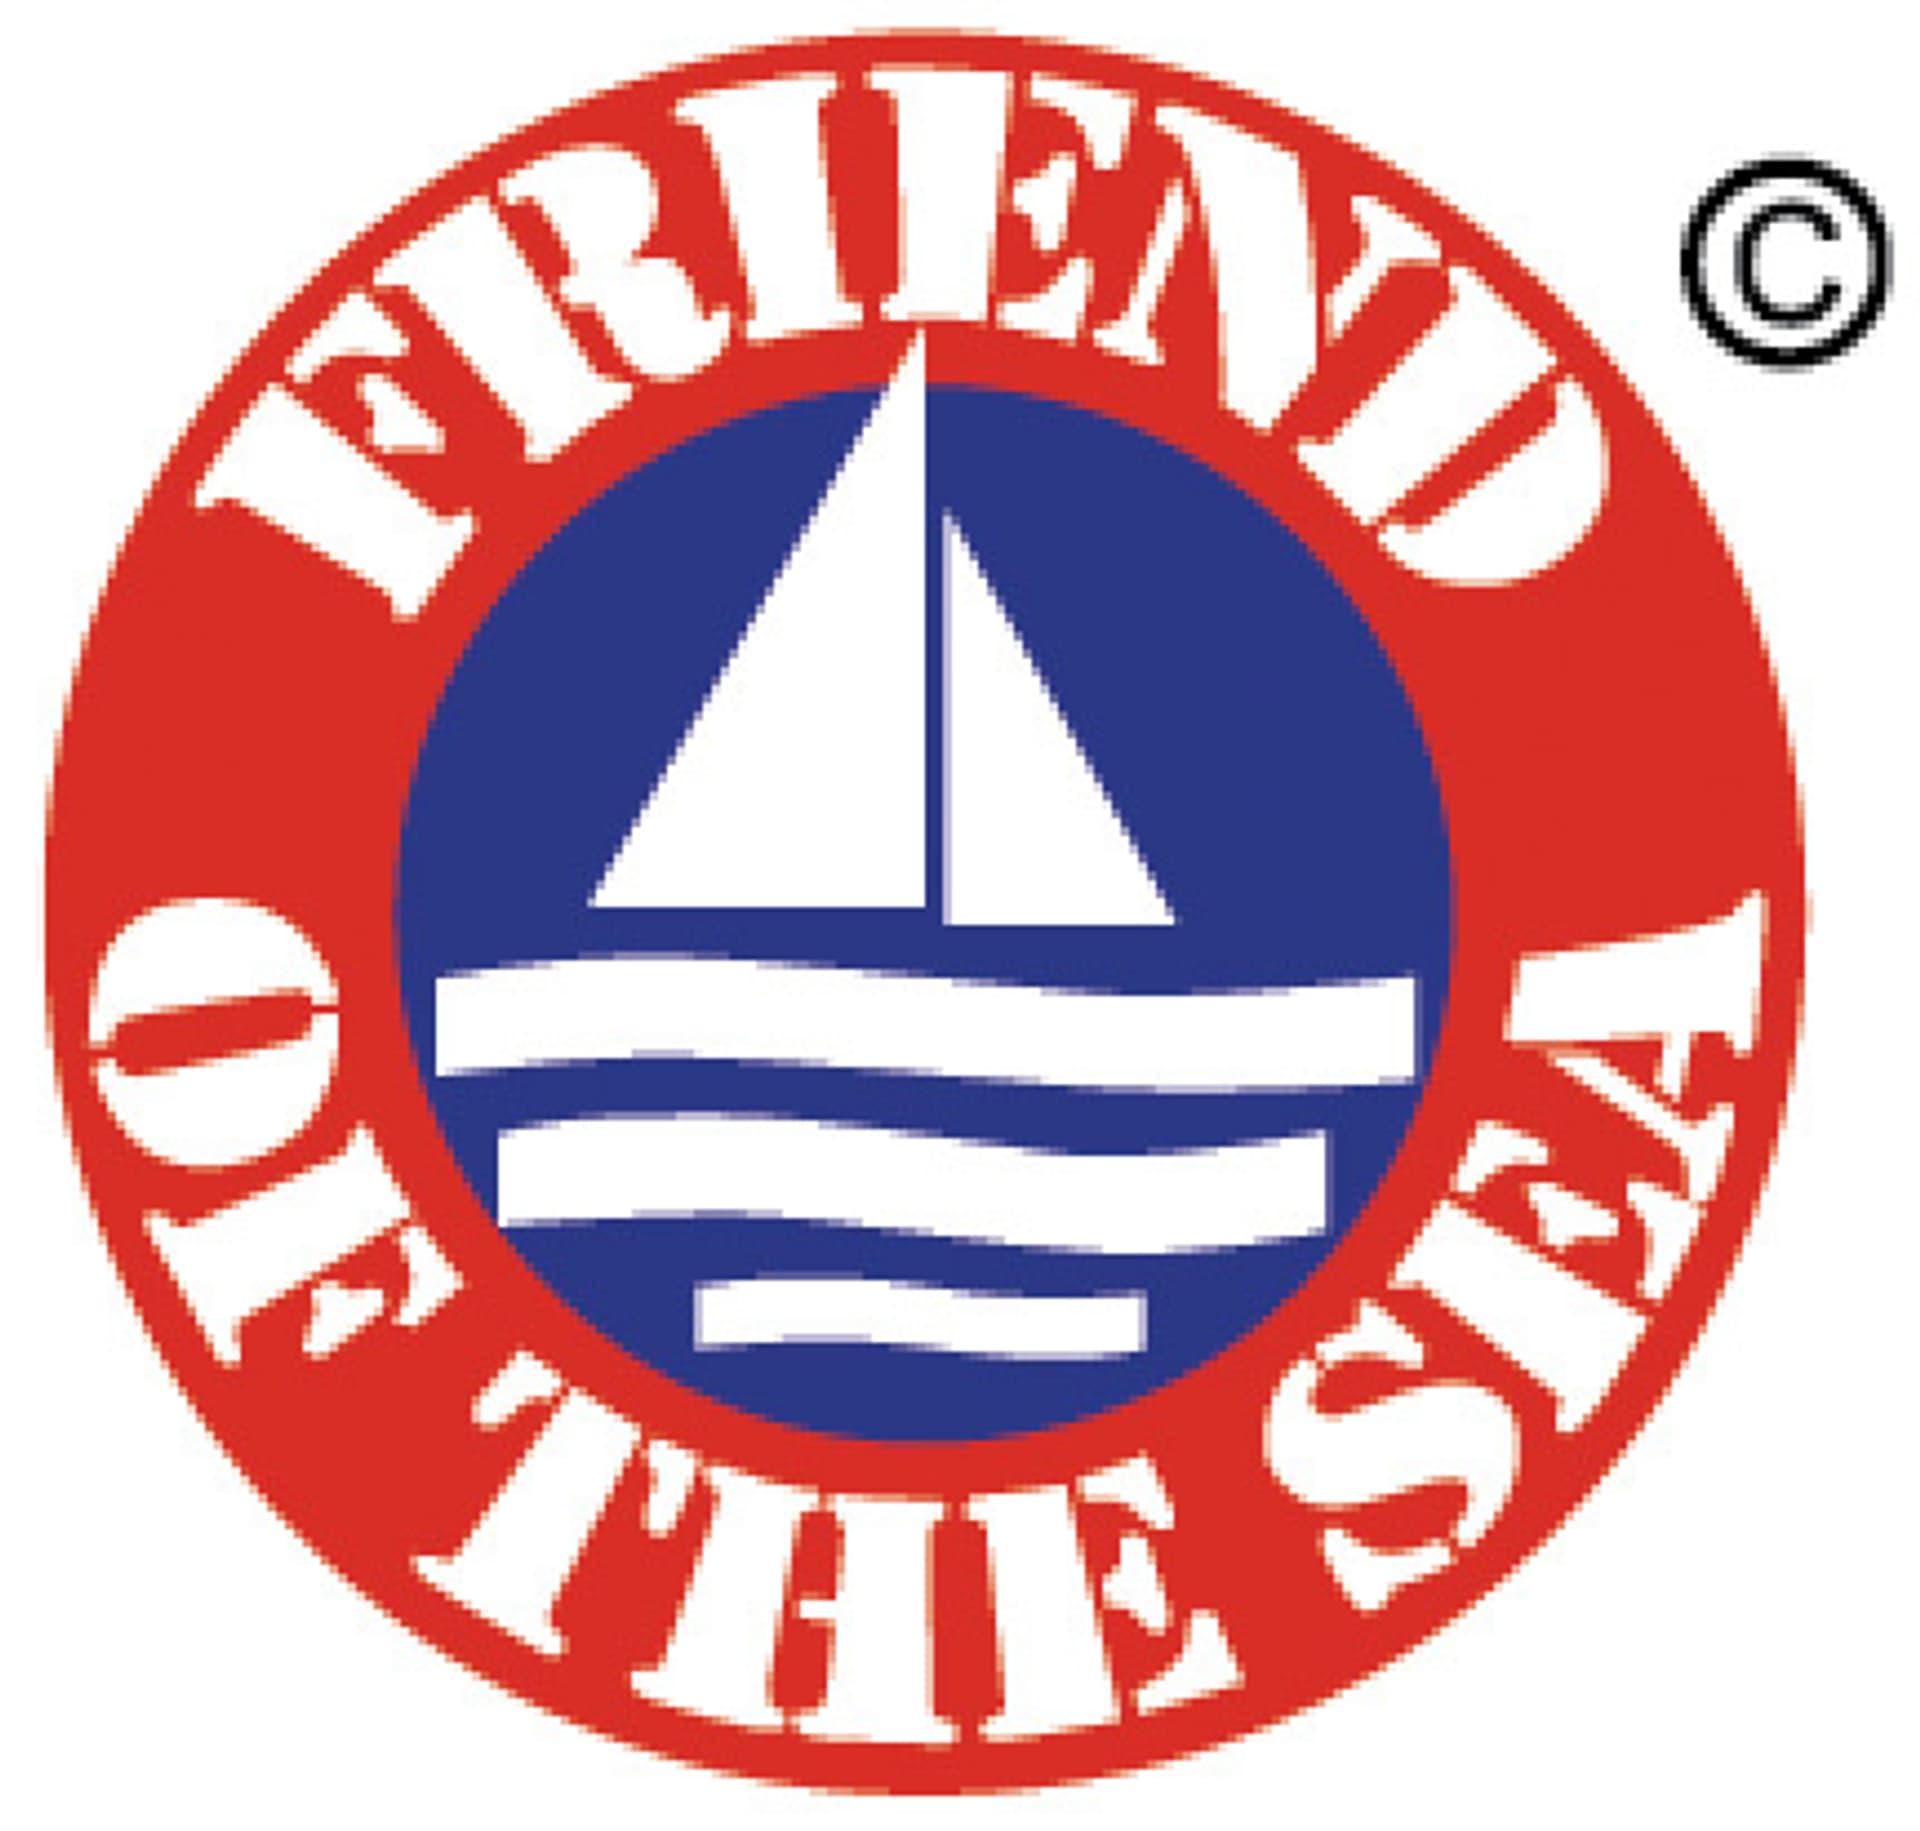 Wie gut ist das Friend of the Sea Fisch-Siegel?